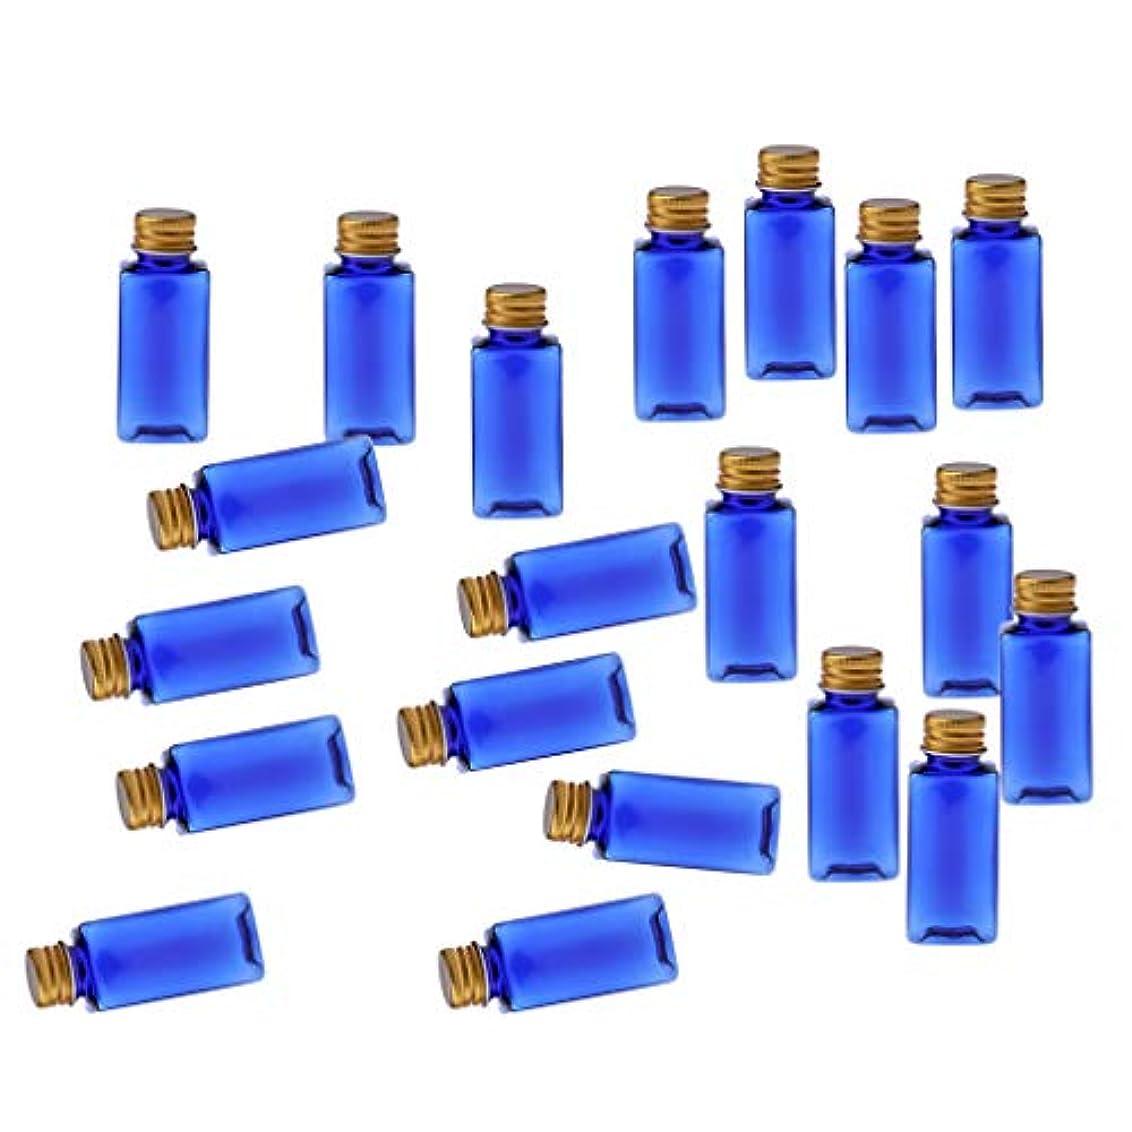 異常な推進力支配的化粧ボトル 香水ボトル 液体化粧品 エッセンシャルオイル 香水 ボディオイル 20個入り - ブルーゴールド